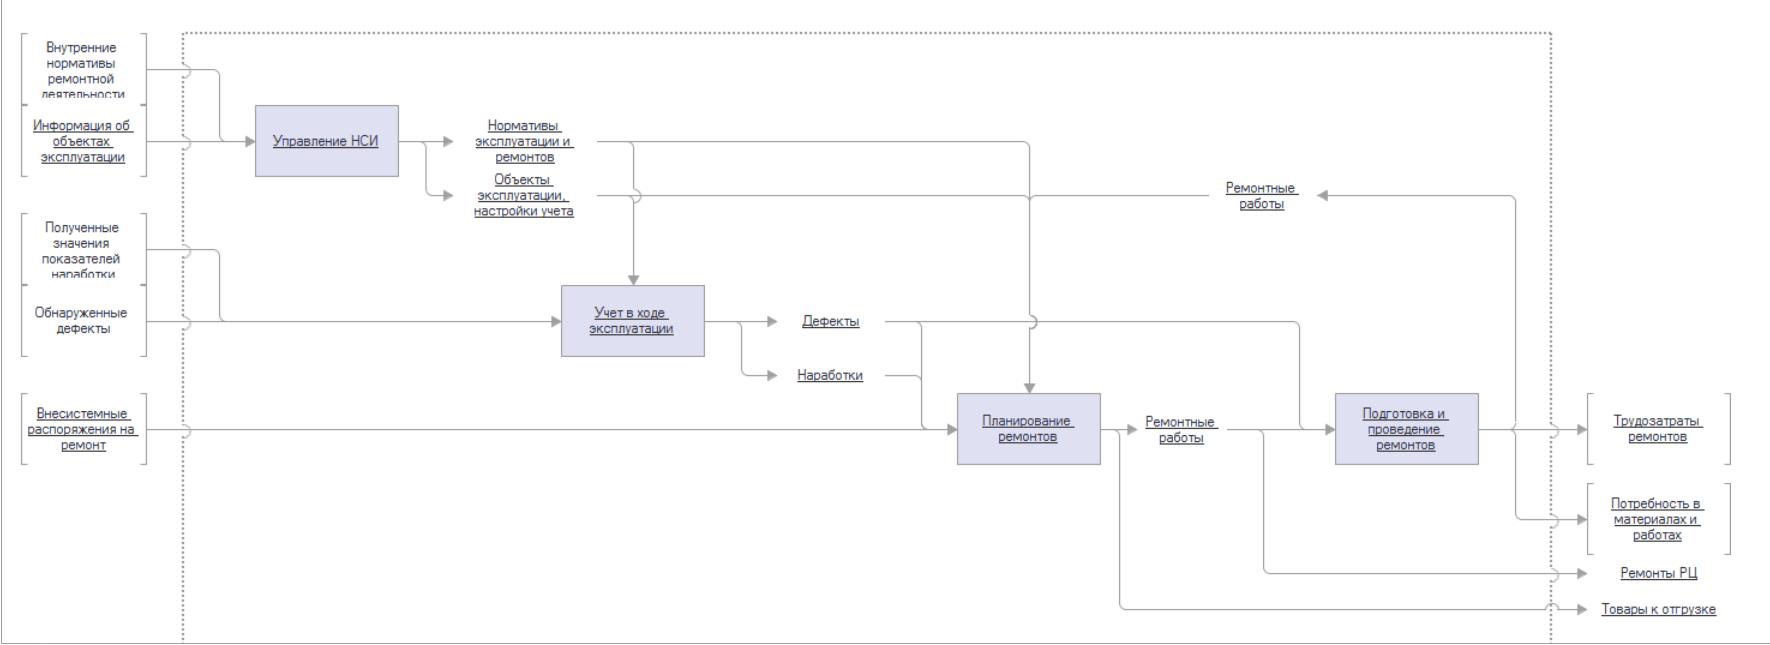 Схема функции «Управление ремонтами»